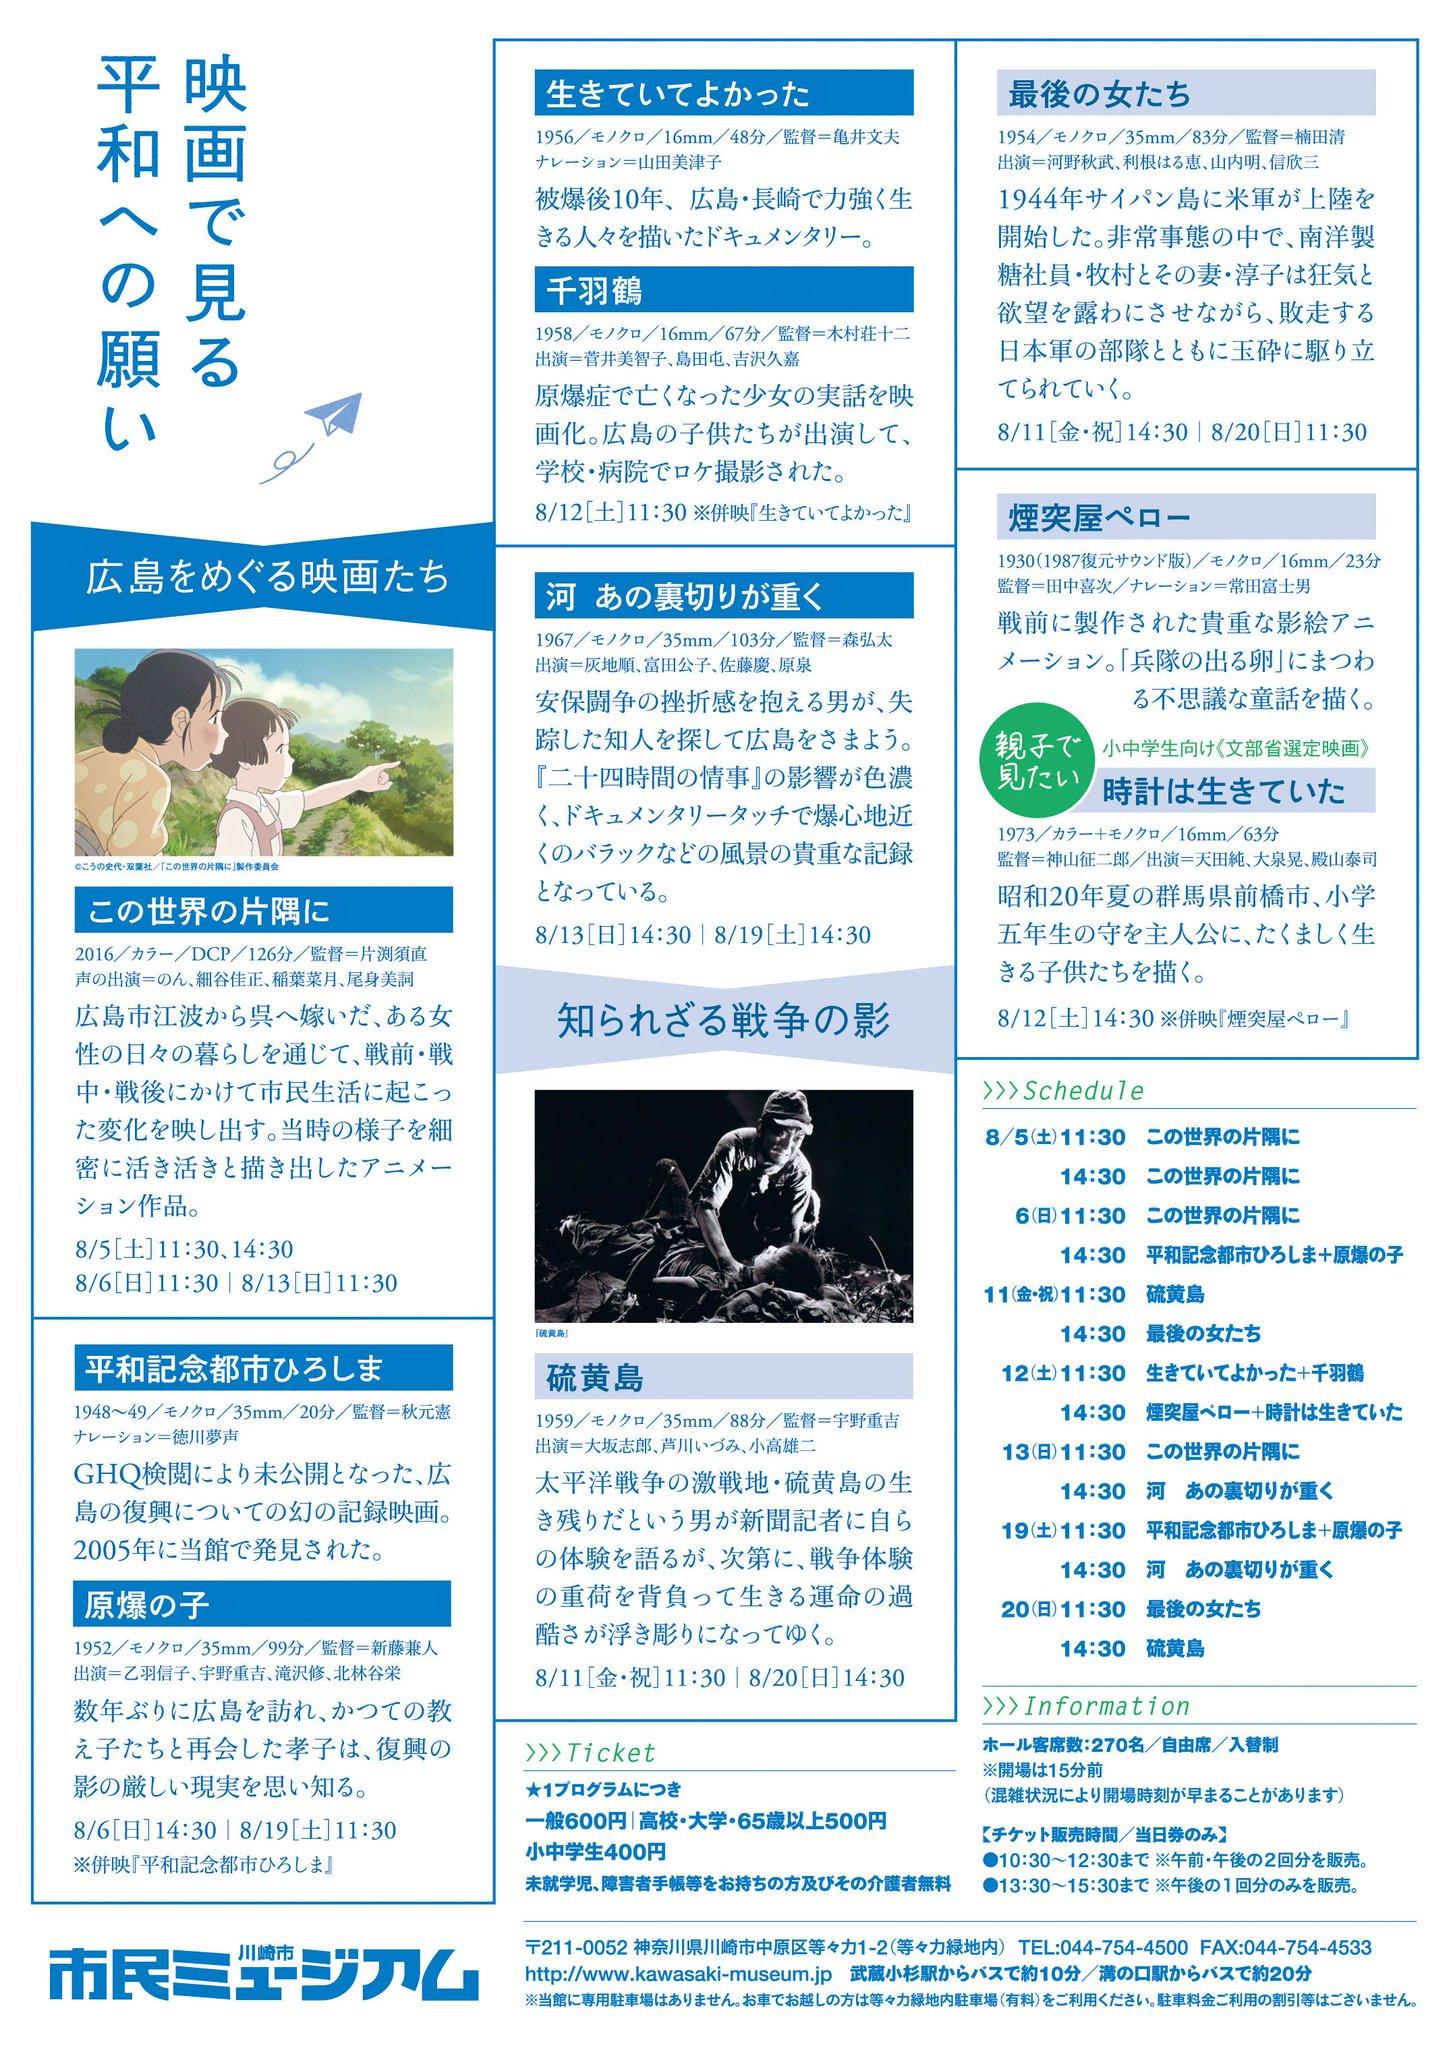 """川崎市市民ミュージアム on Twitter: """"【#映画で見る平和への願い ..."""